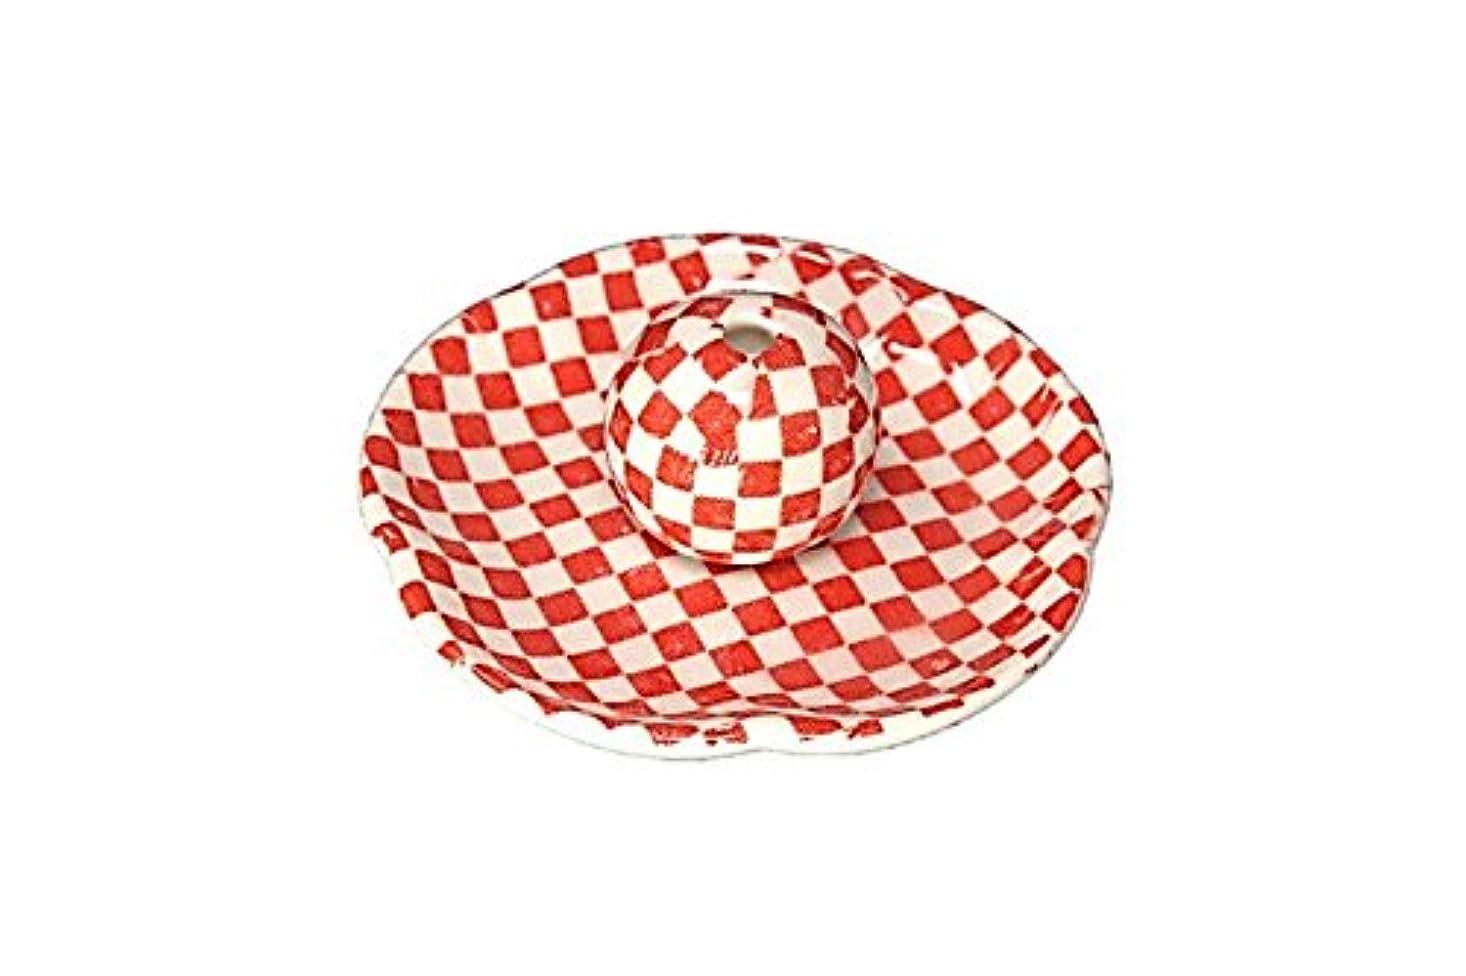 流す警告するレッドデート市松 赤 花形香皿 お香立て 日本製